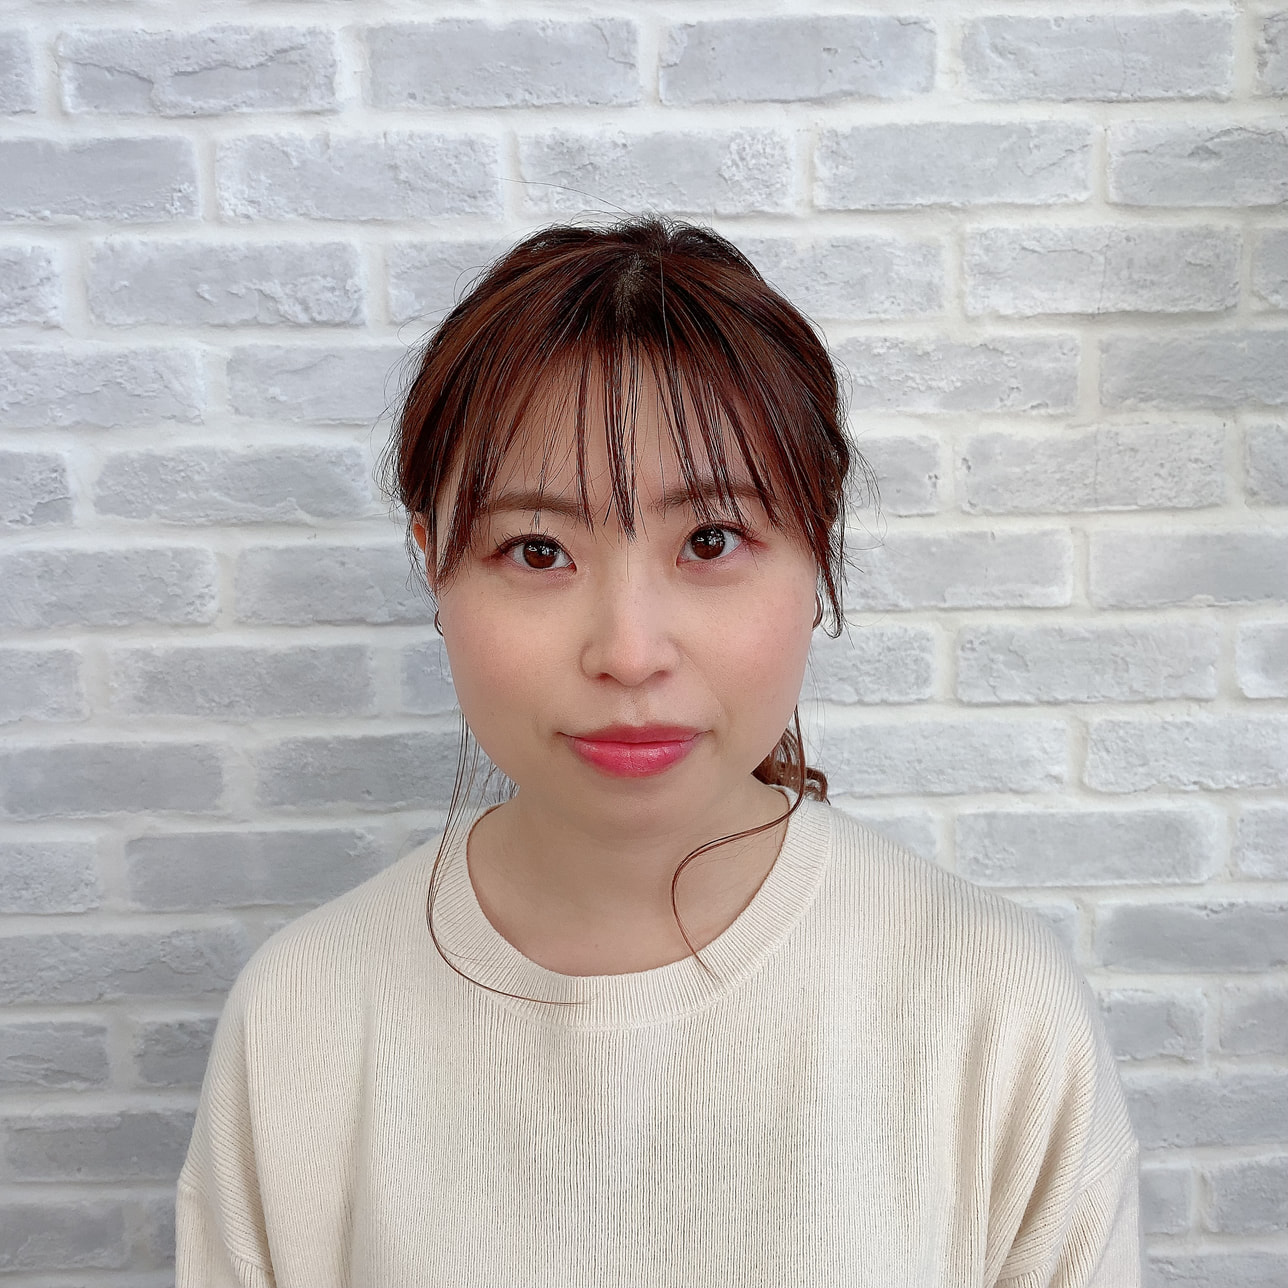 KOUNO YUMI